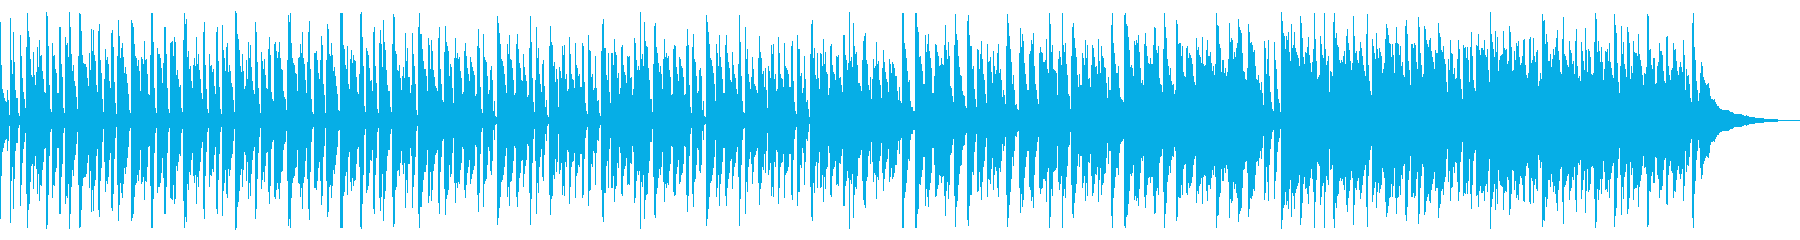 ノリノリなディスコ_2の再生済みの波形